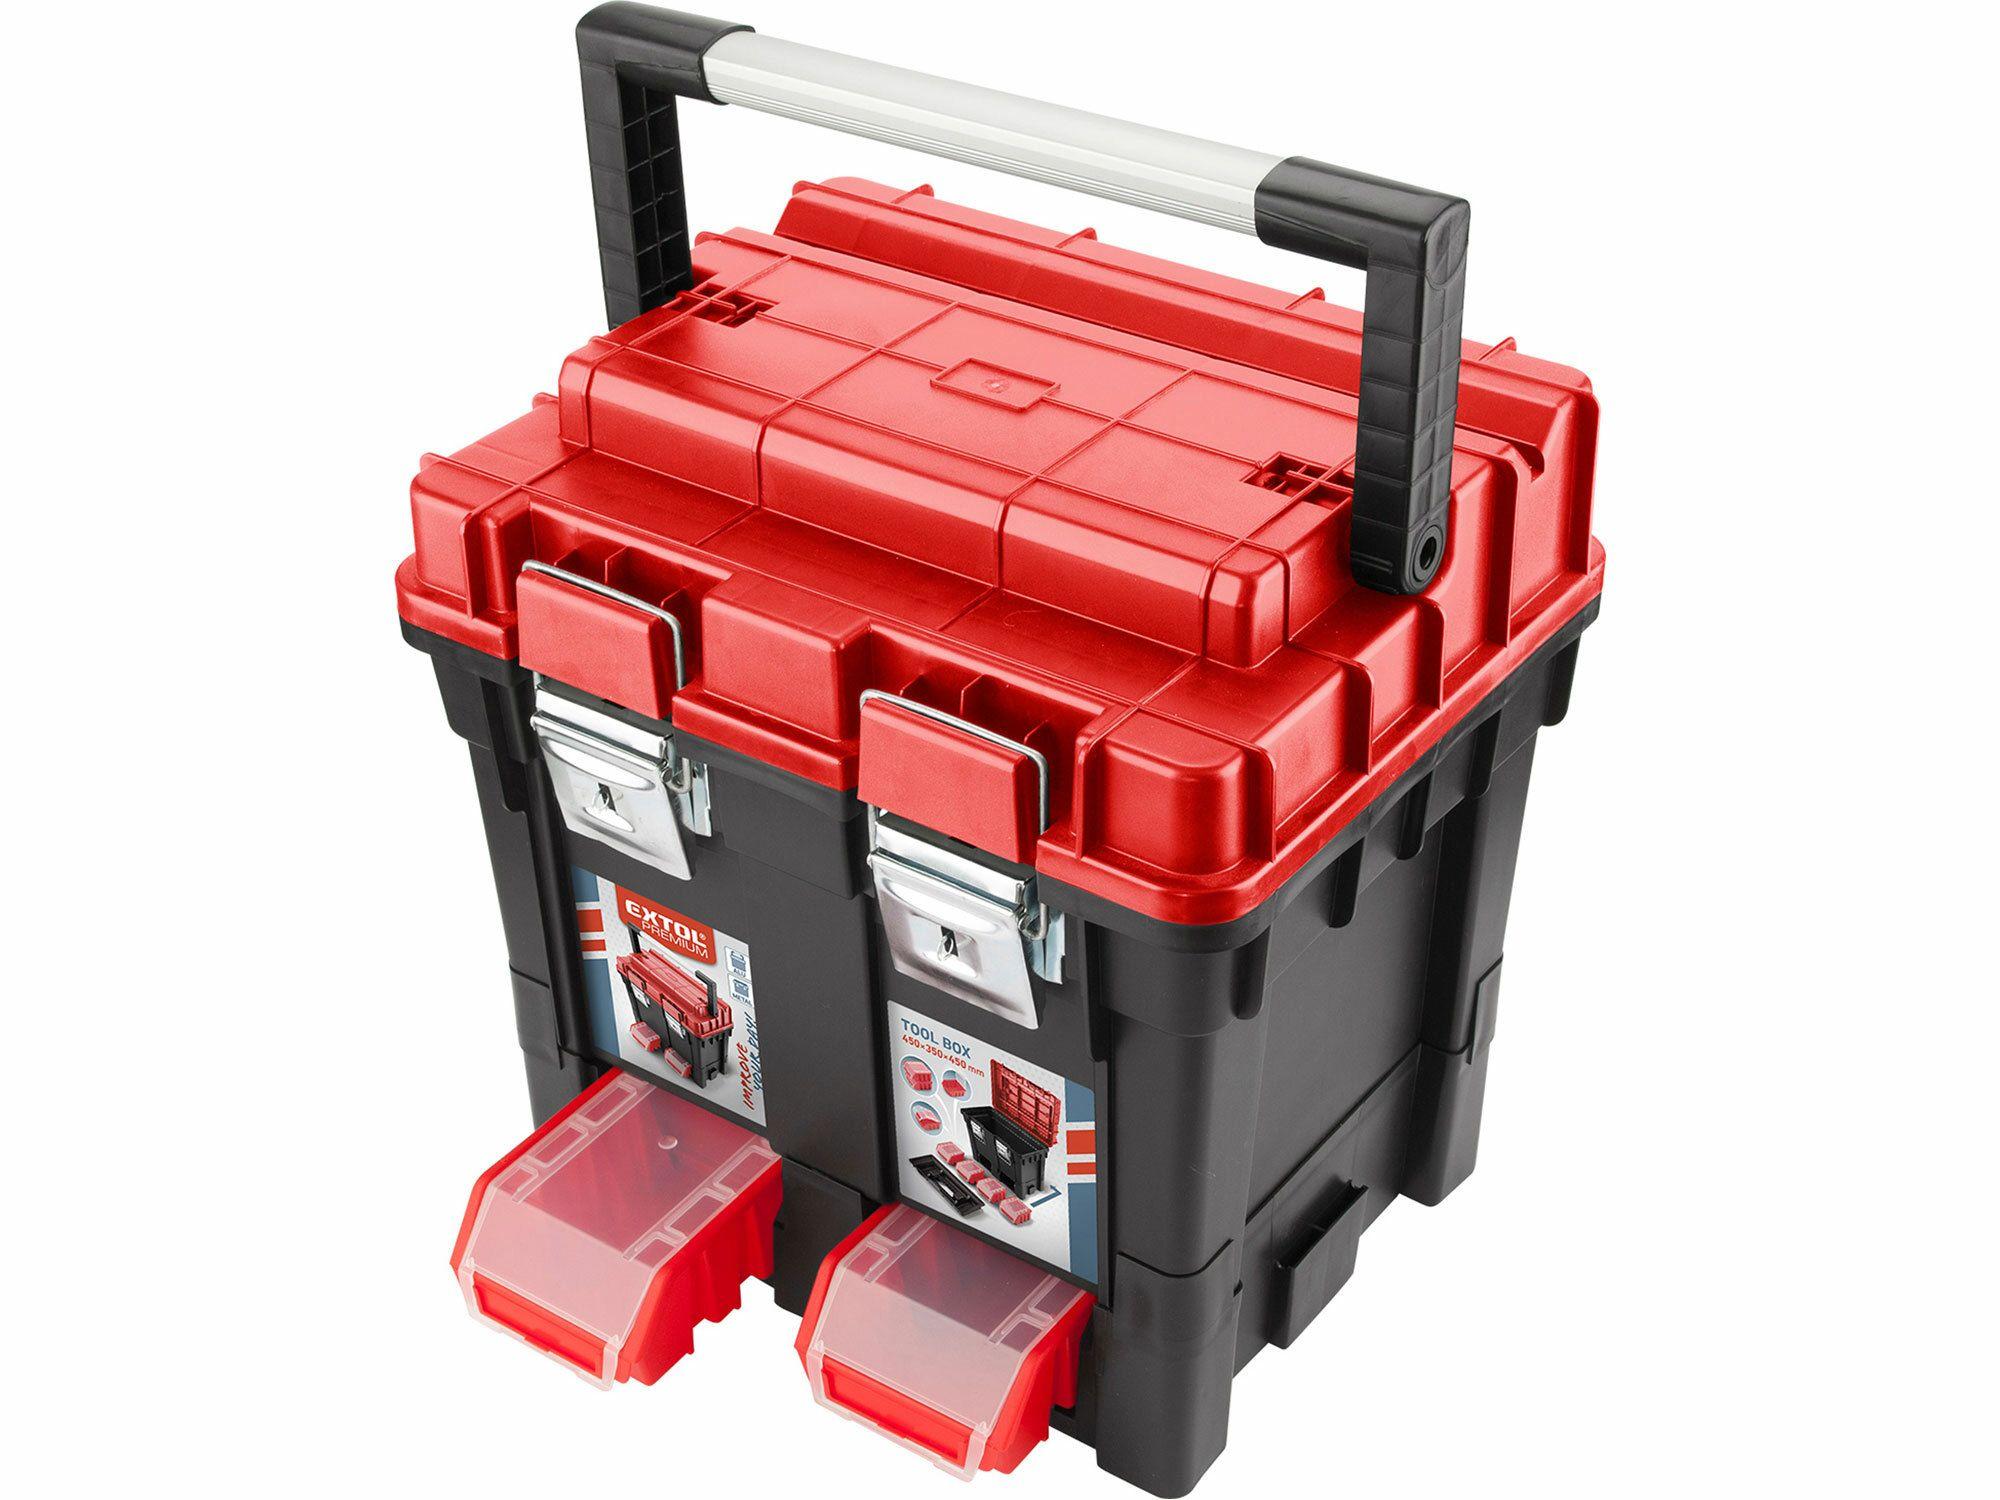 Kufr na nářadí HD, 450x350x450mm, AL rukojeť, kov.přezky, EXTOL PREMIUM